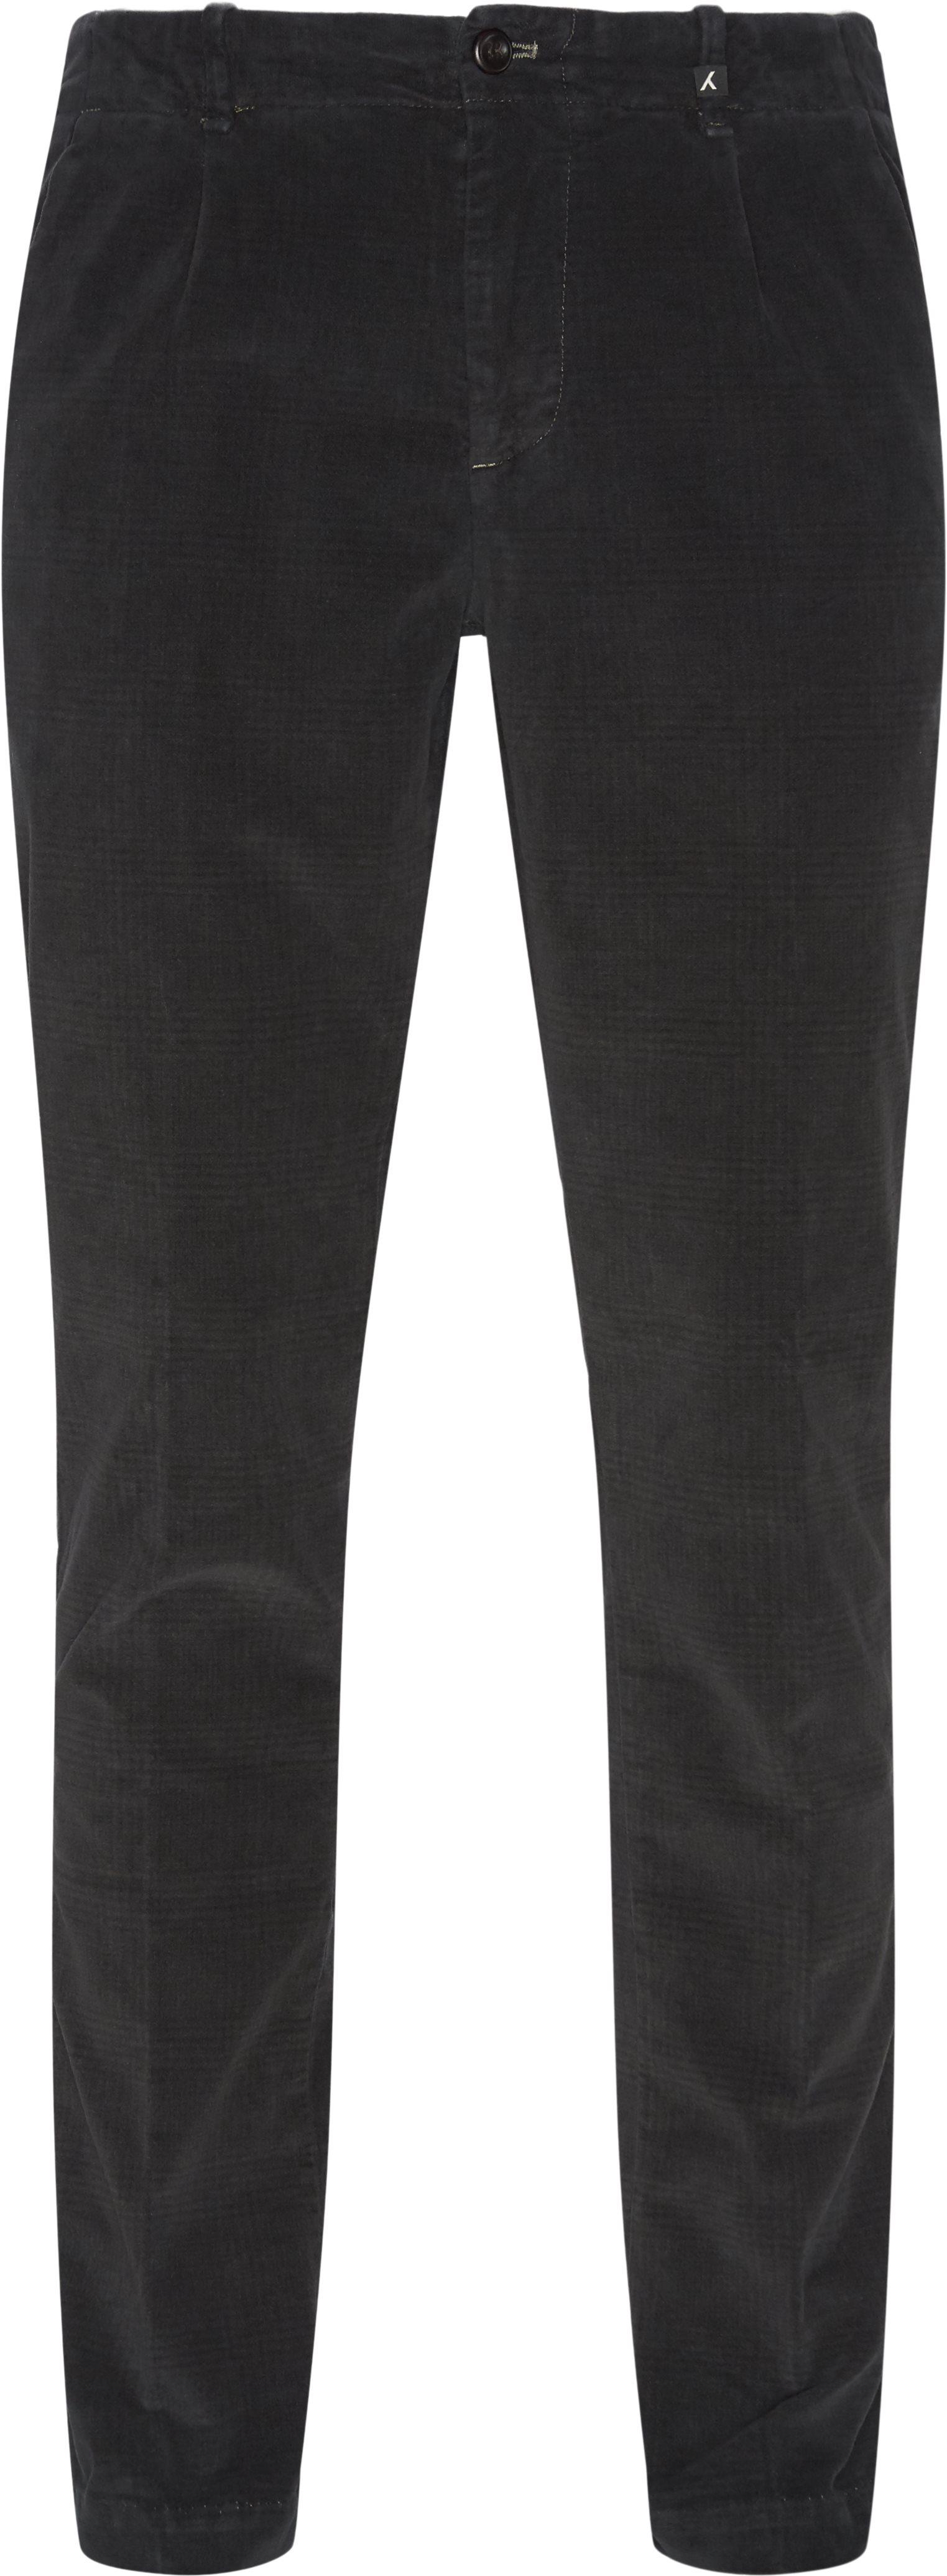 Bukser - Regular fit - Grå